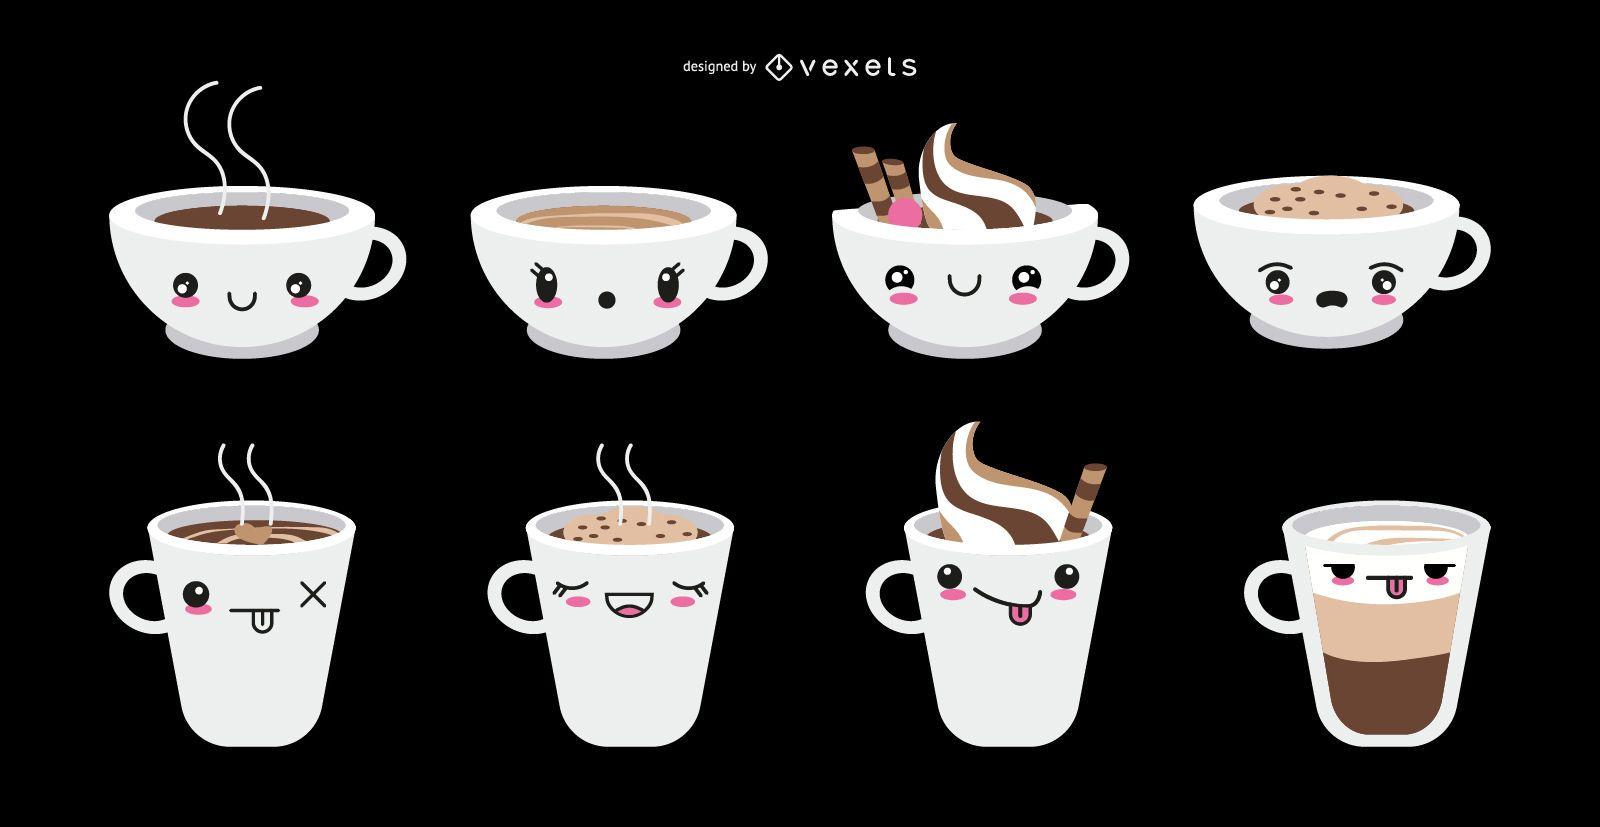 Conjunto de copos de café emoticon kawaii